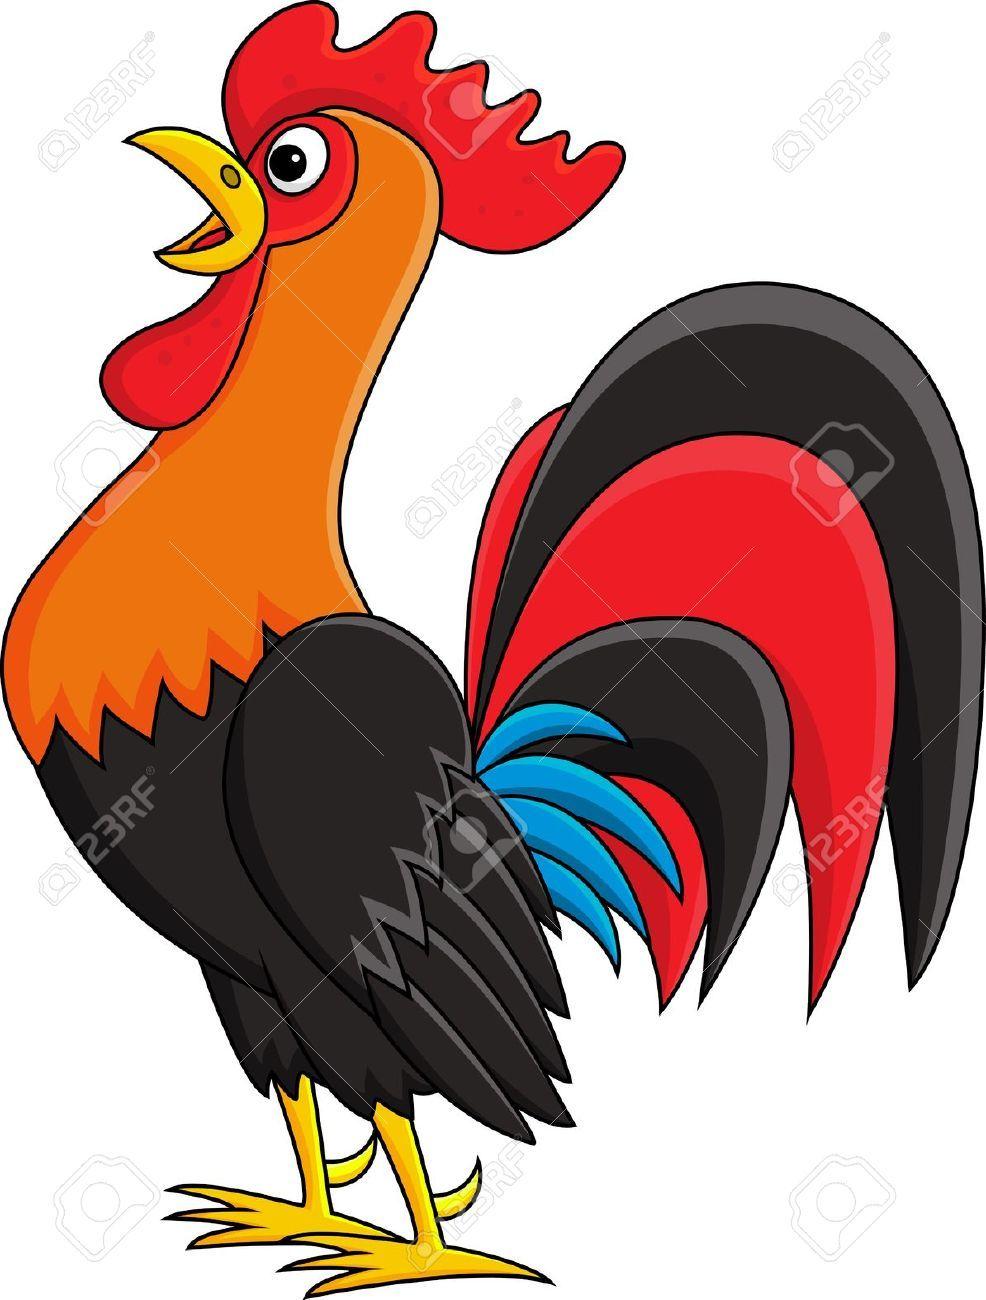 Resultado De Imagen De Dibujos De Gallos Infantiles Gallos